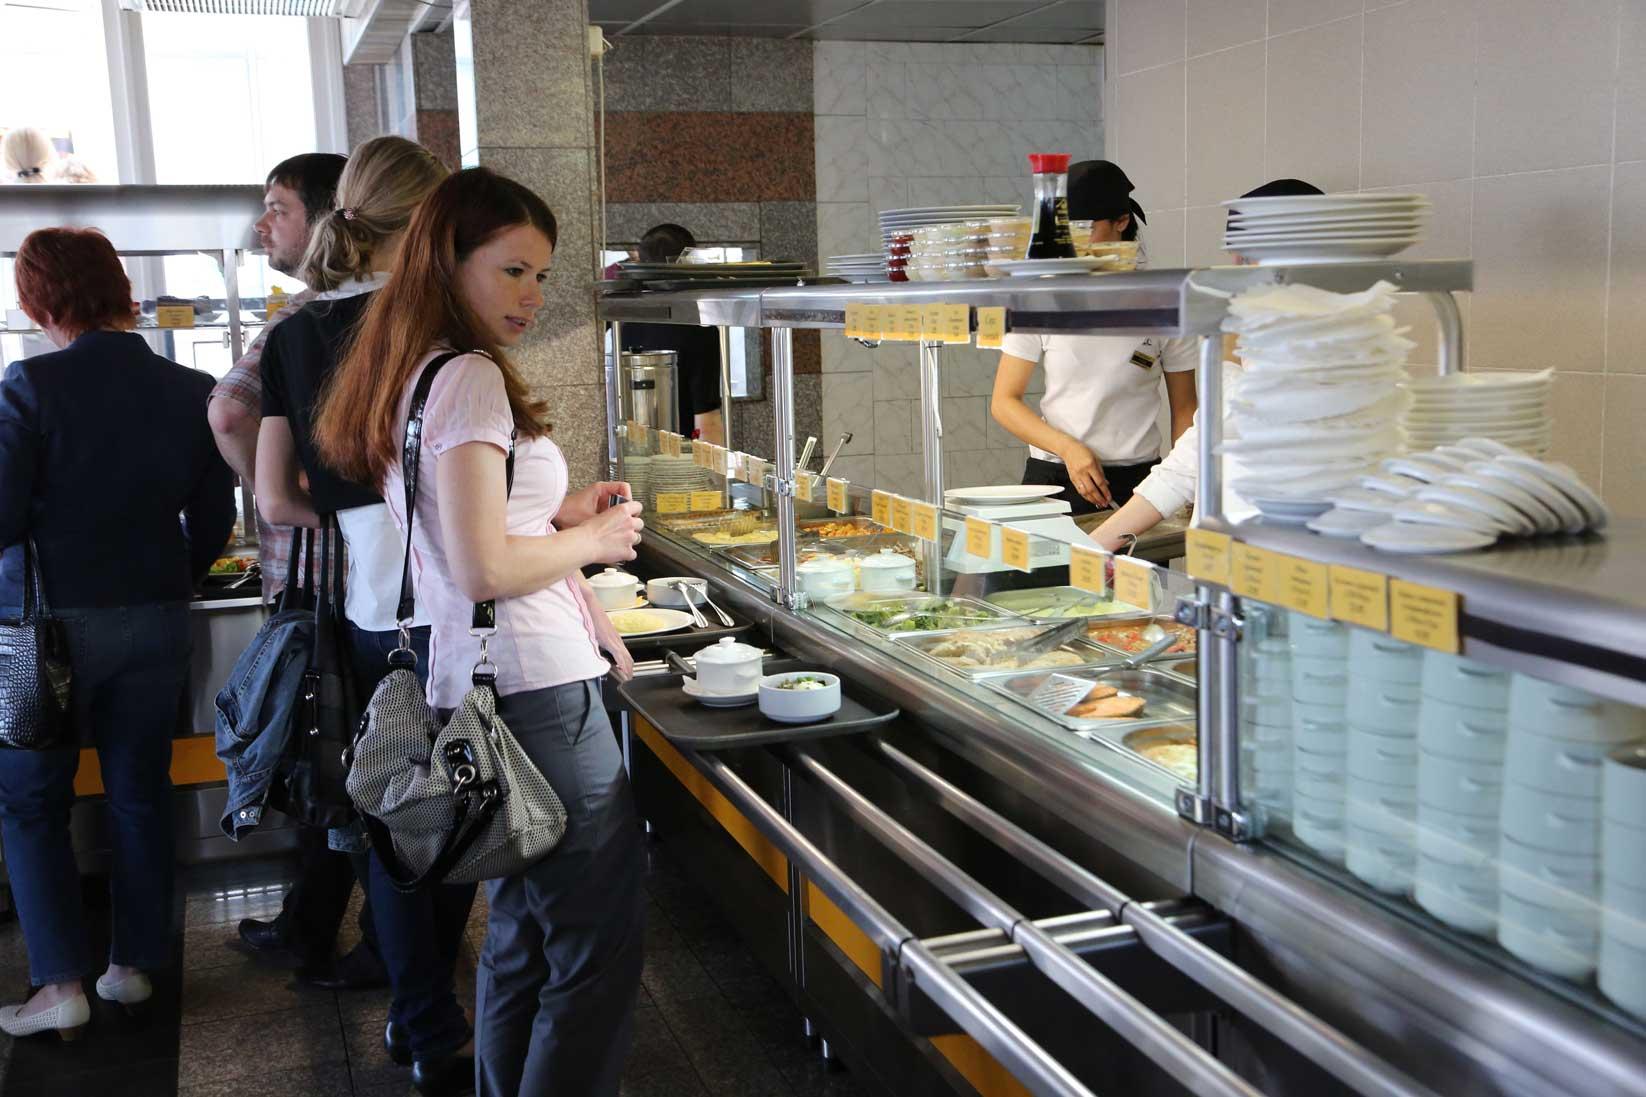 ウラジオストクのグルメ ~ おしゃれなレストランから街角の食堂まで_b0235153_8195074.jpg